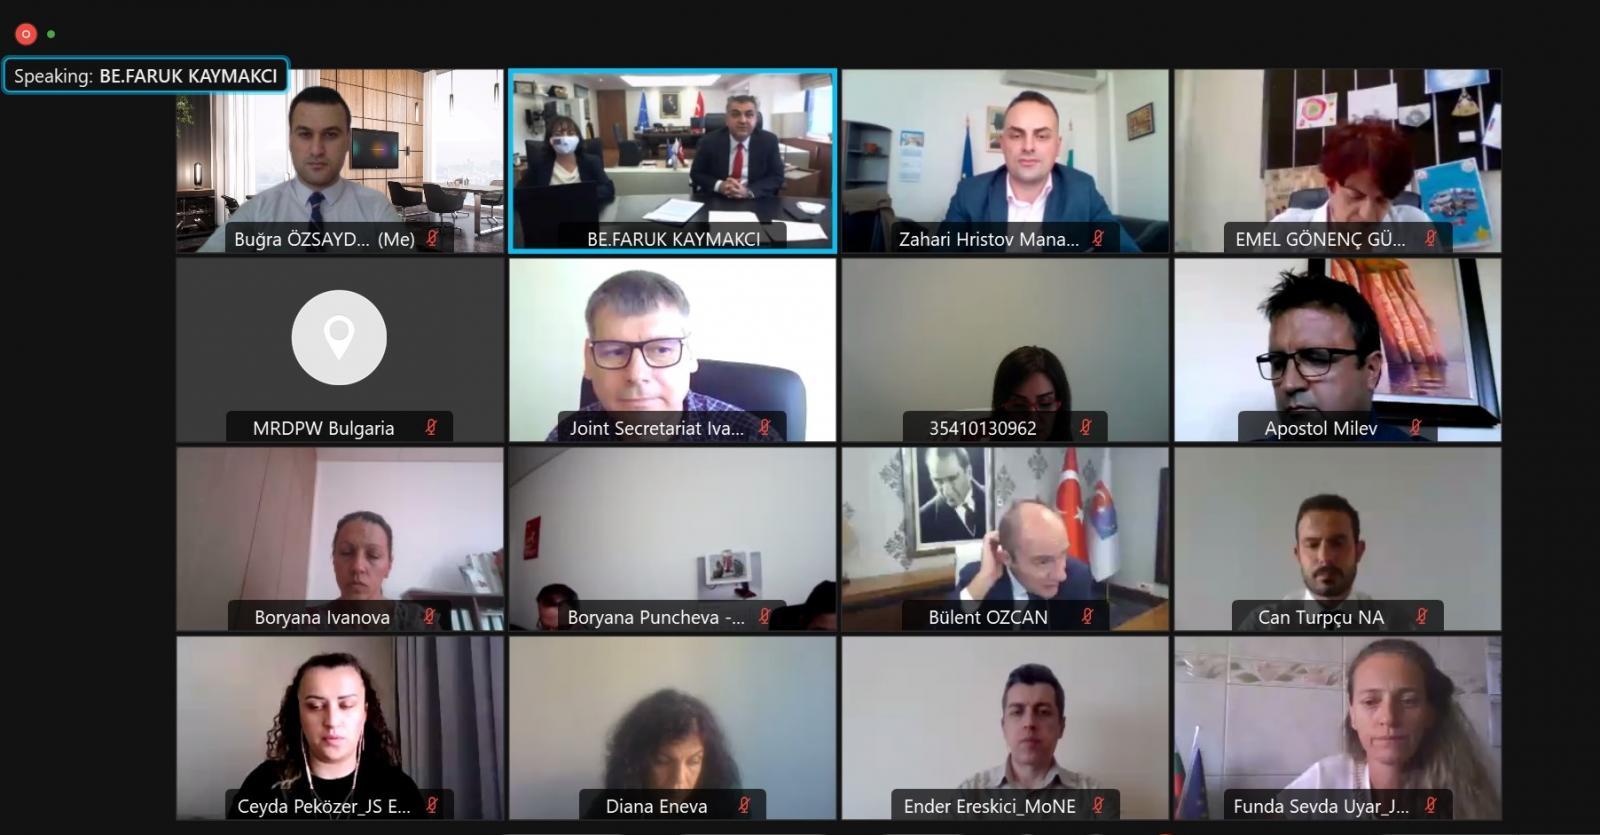 Interreg-IPA Bulgaristan-Türkiye Dördüncü Ortak Çalışma Grubu Toplantısı Çevrimiçi Gerçekleşti